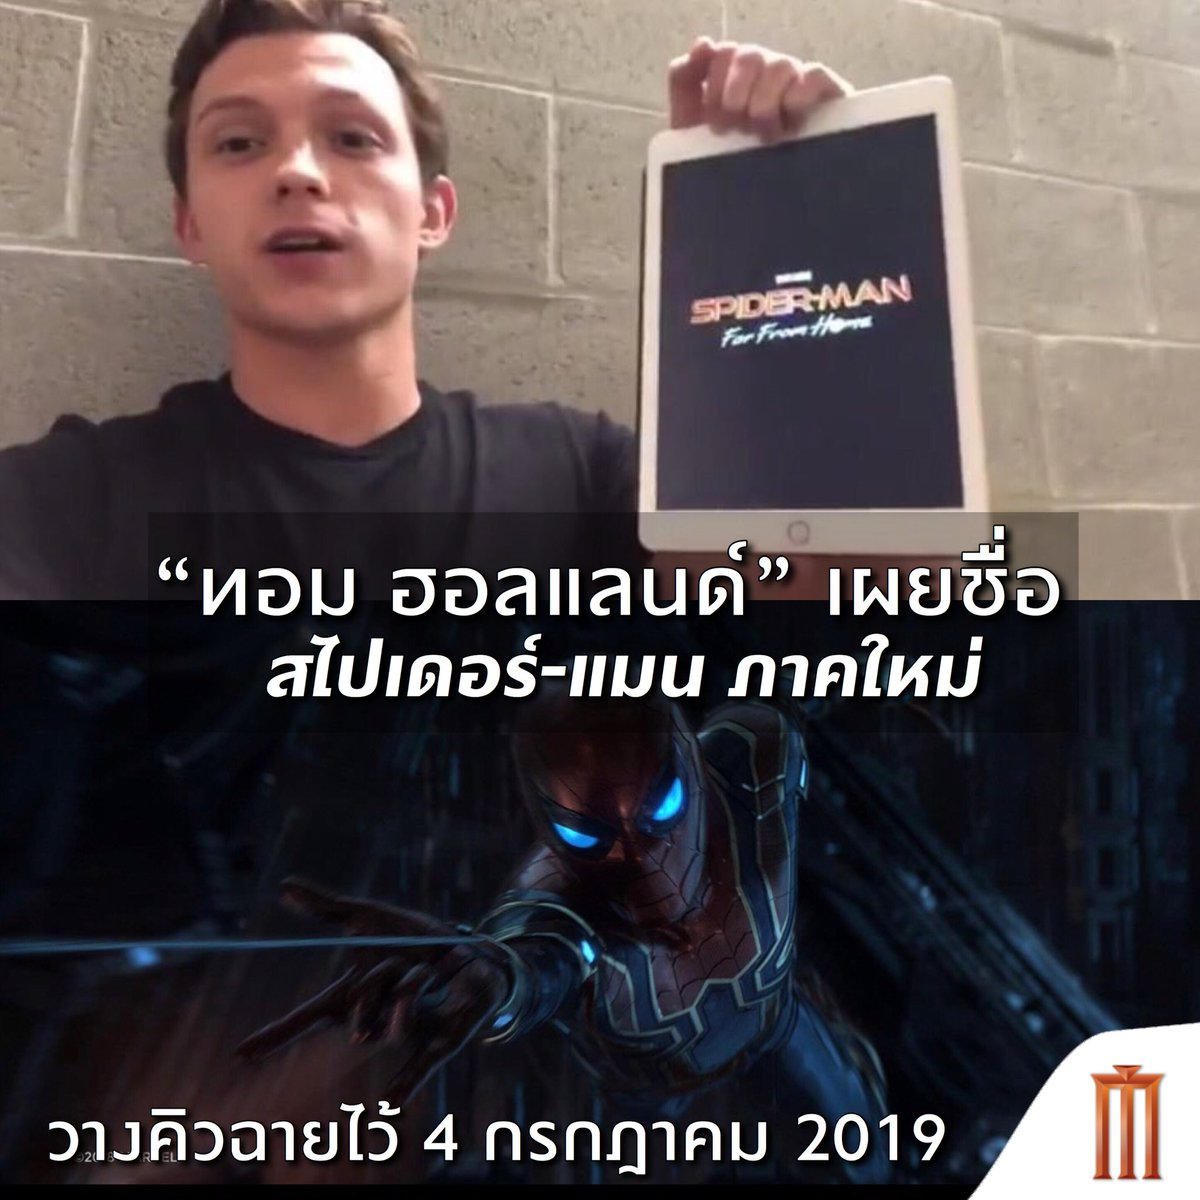 """""""ทอม ฮอลแลนด์"""" เจ้าหนูจอมสปอยล์ เผลอหลุดชื่อไอ้แมงมุมภาคใหม่ #SpiderManFarFromHome วางคิวฉายไว้ 4 กรกฎาคม 2019"""